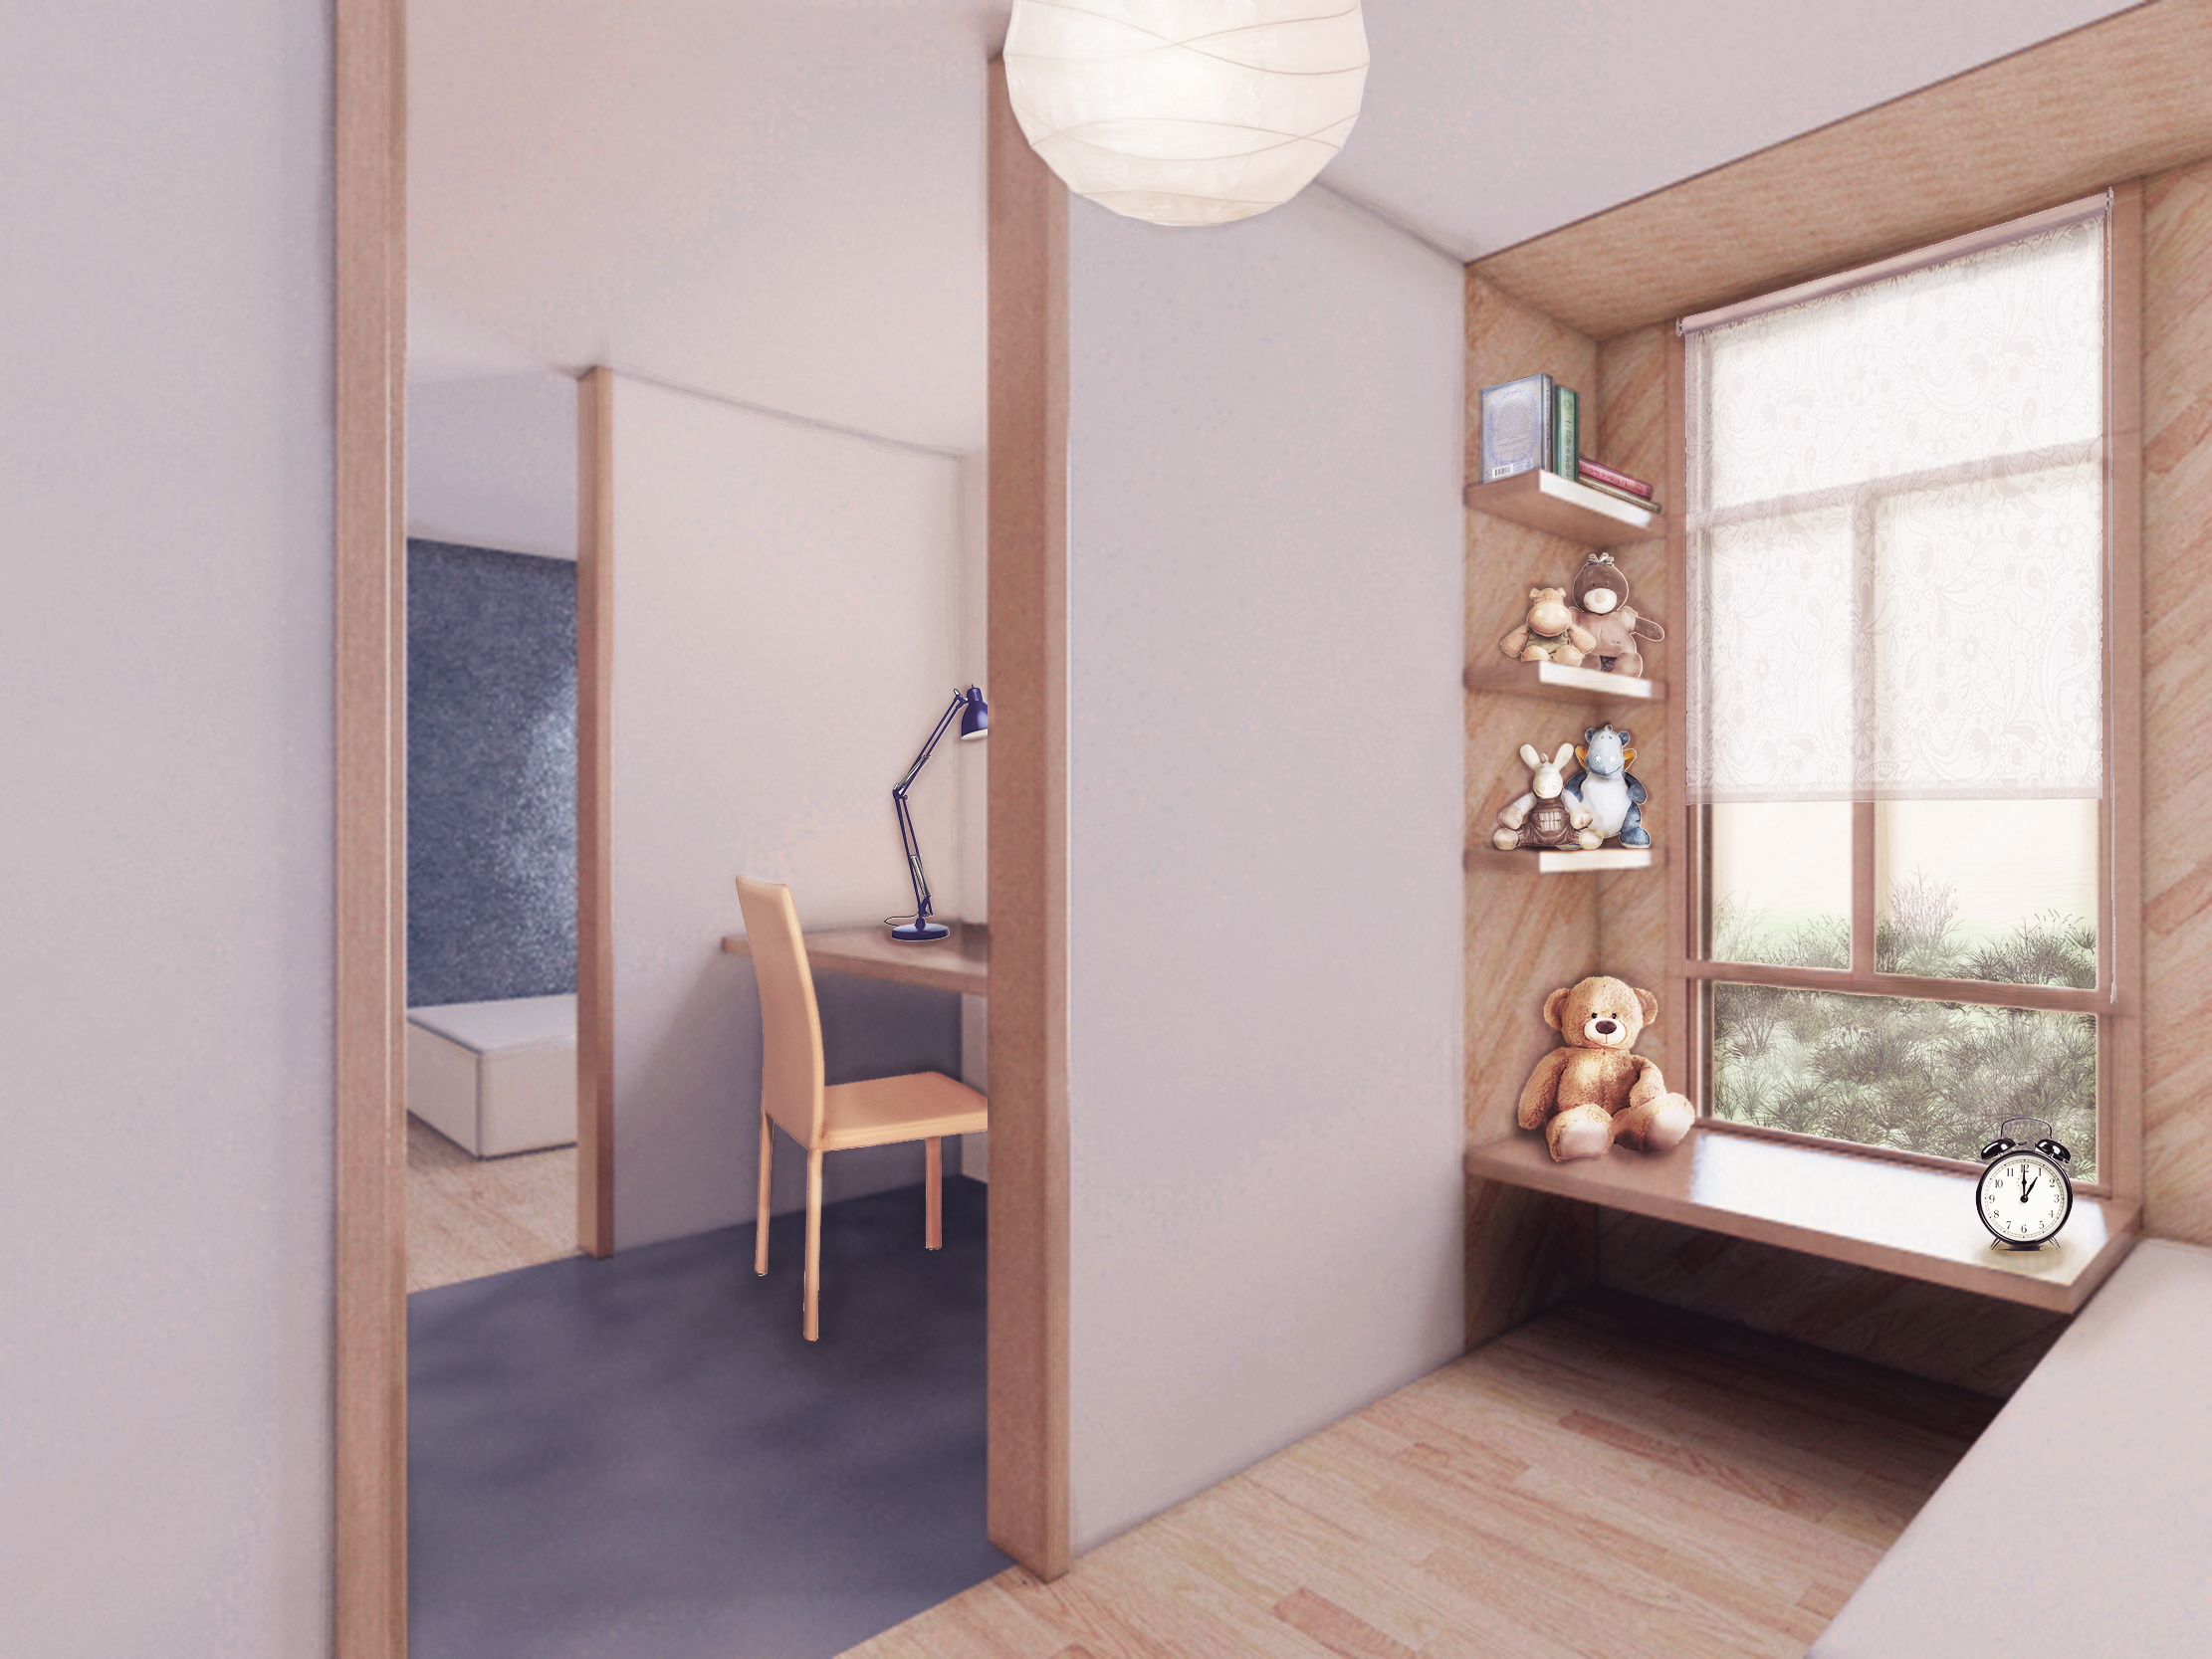 camera_bedroom_final_3.jpg